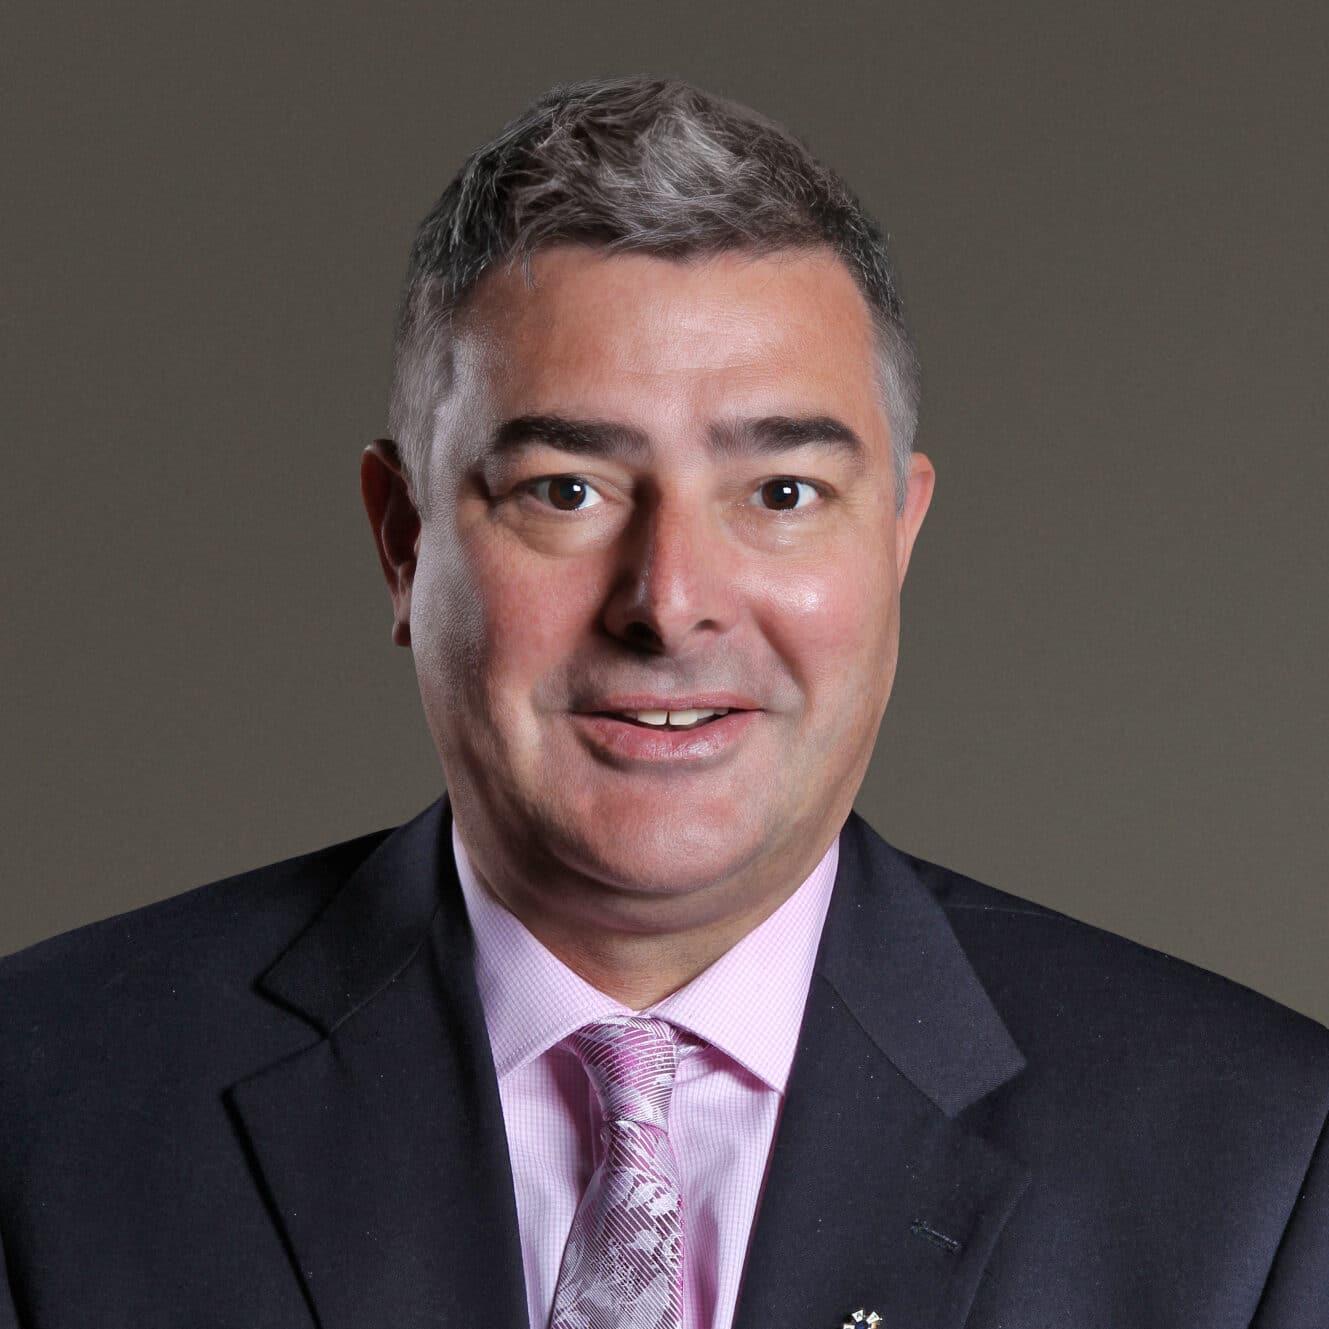 Damian Petti